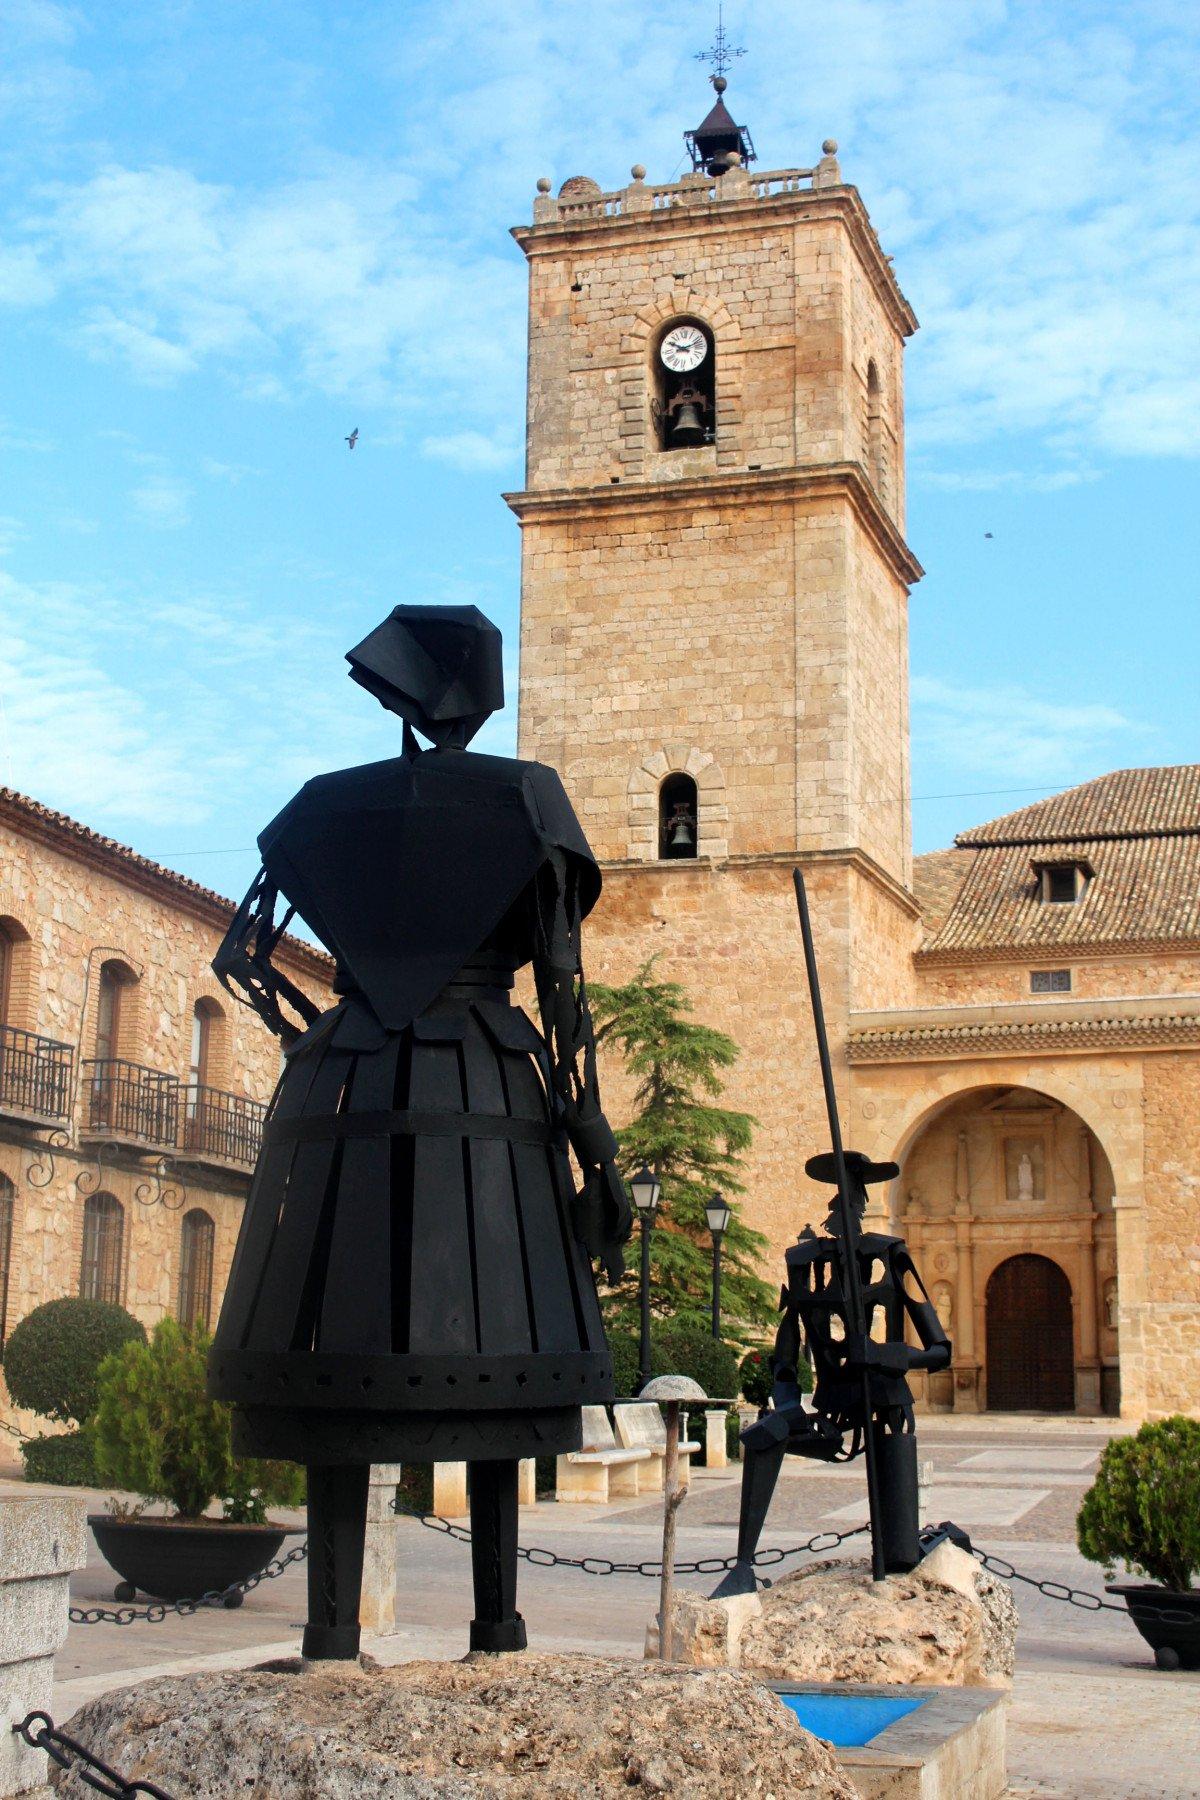 Cuatro municipios de la región han unido sus recursos culturales y gastronómicos para ofrecer la ruta turística 'País del Quijote'.